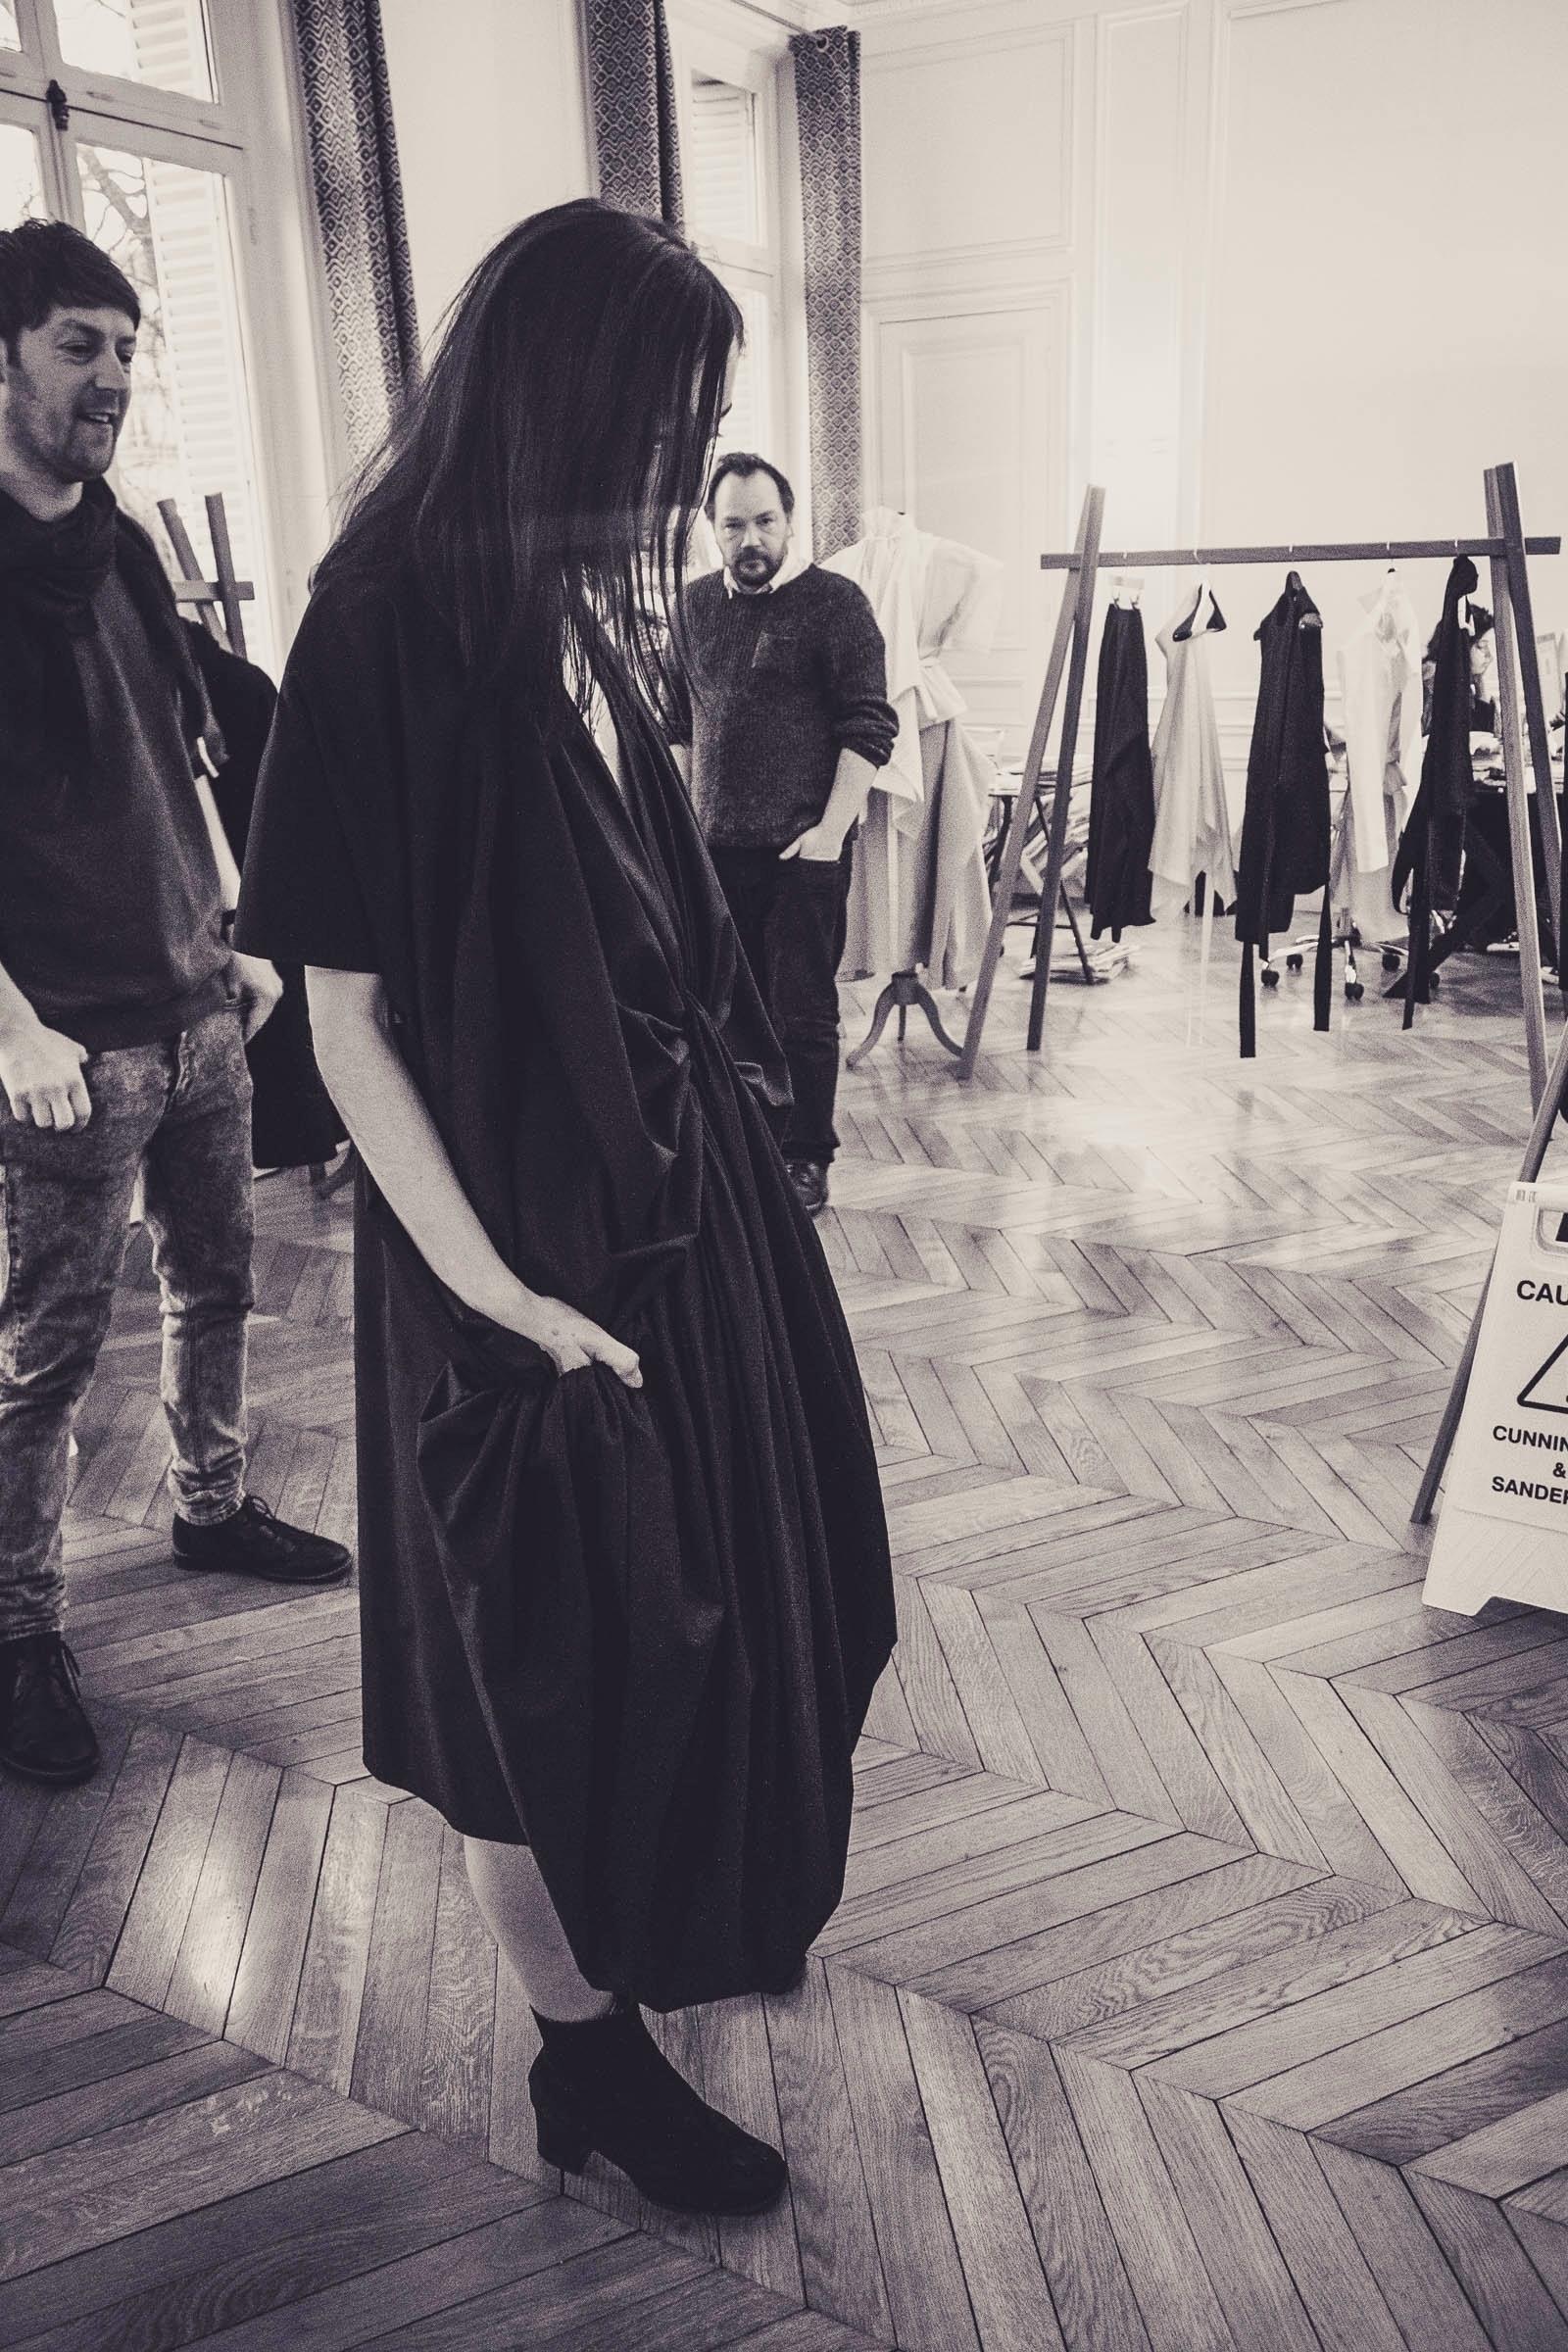 Paris Fashion Week - Day 04.2  - spoonmagazine | ello